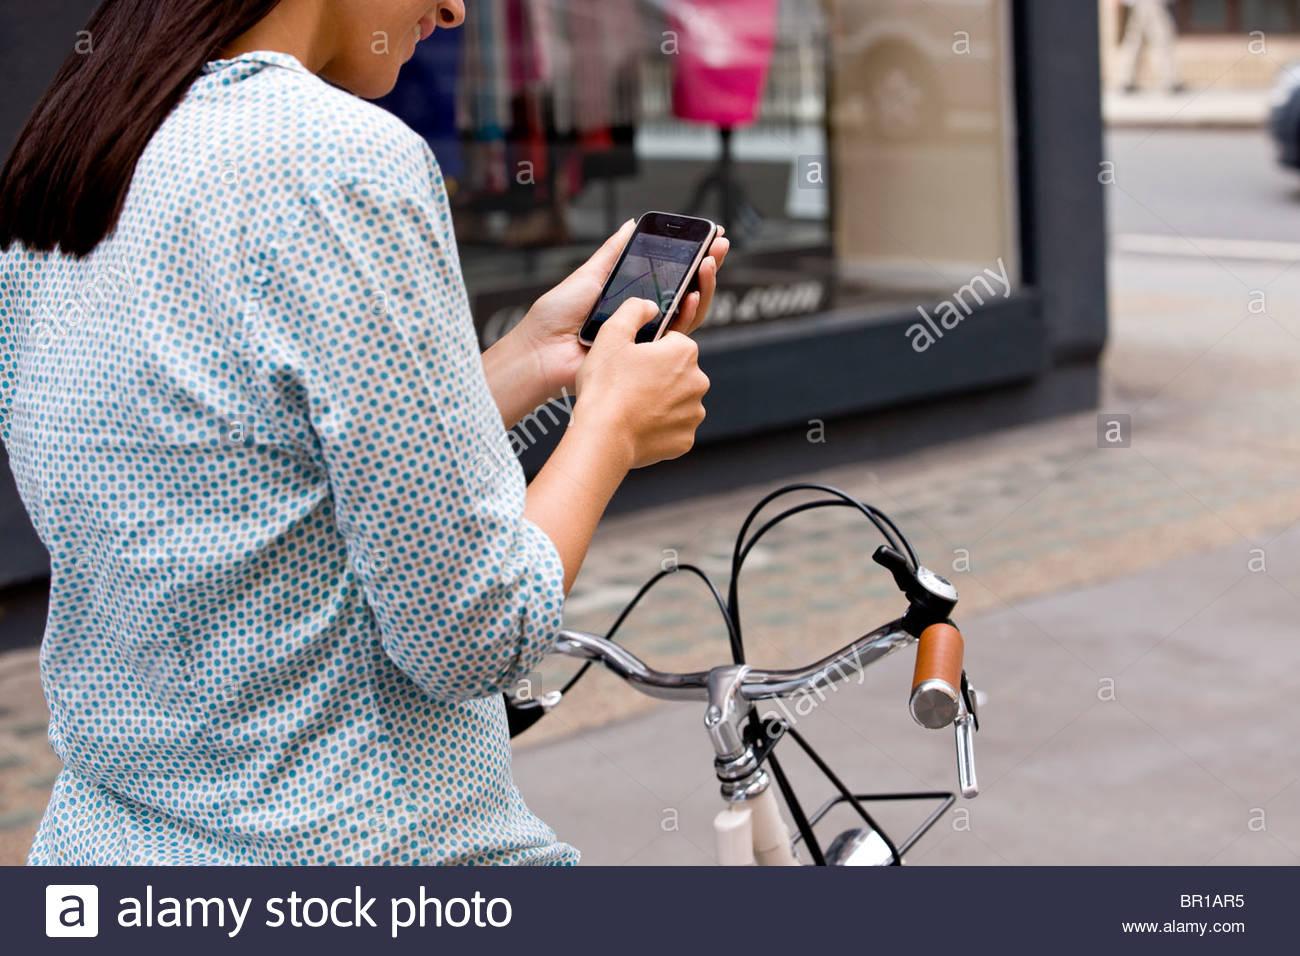 Una giovane donna su una bicicletta, guardando una mappa sul suo telefono cellulare Immagini Stock